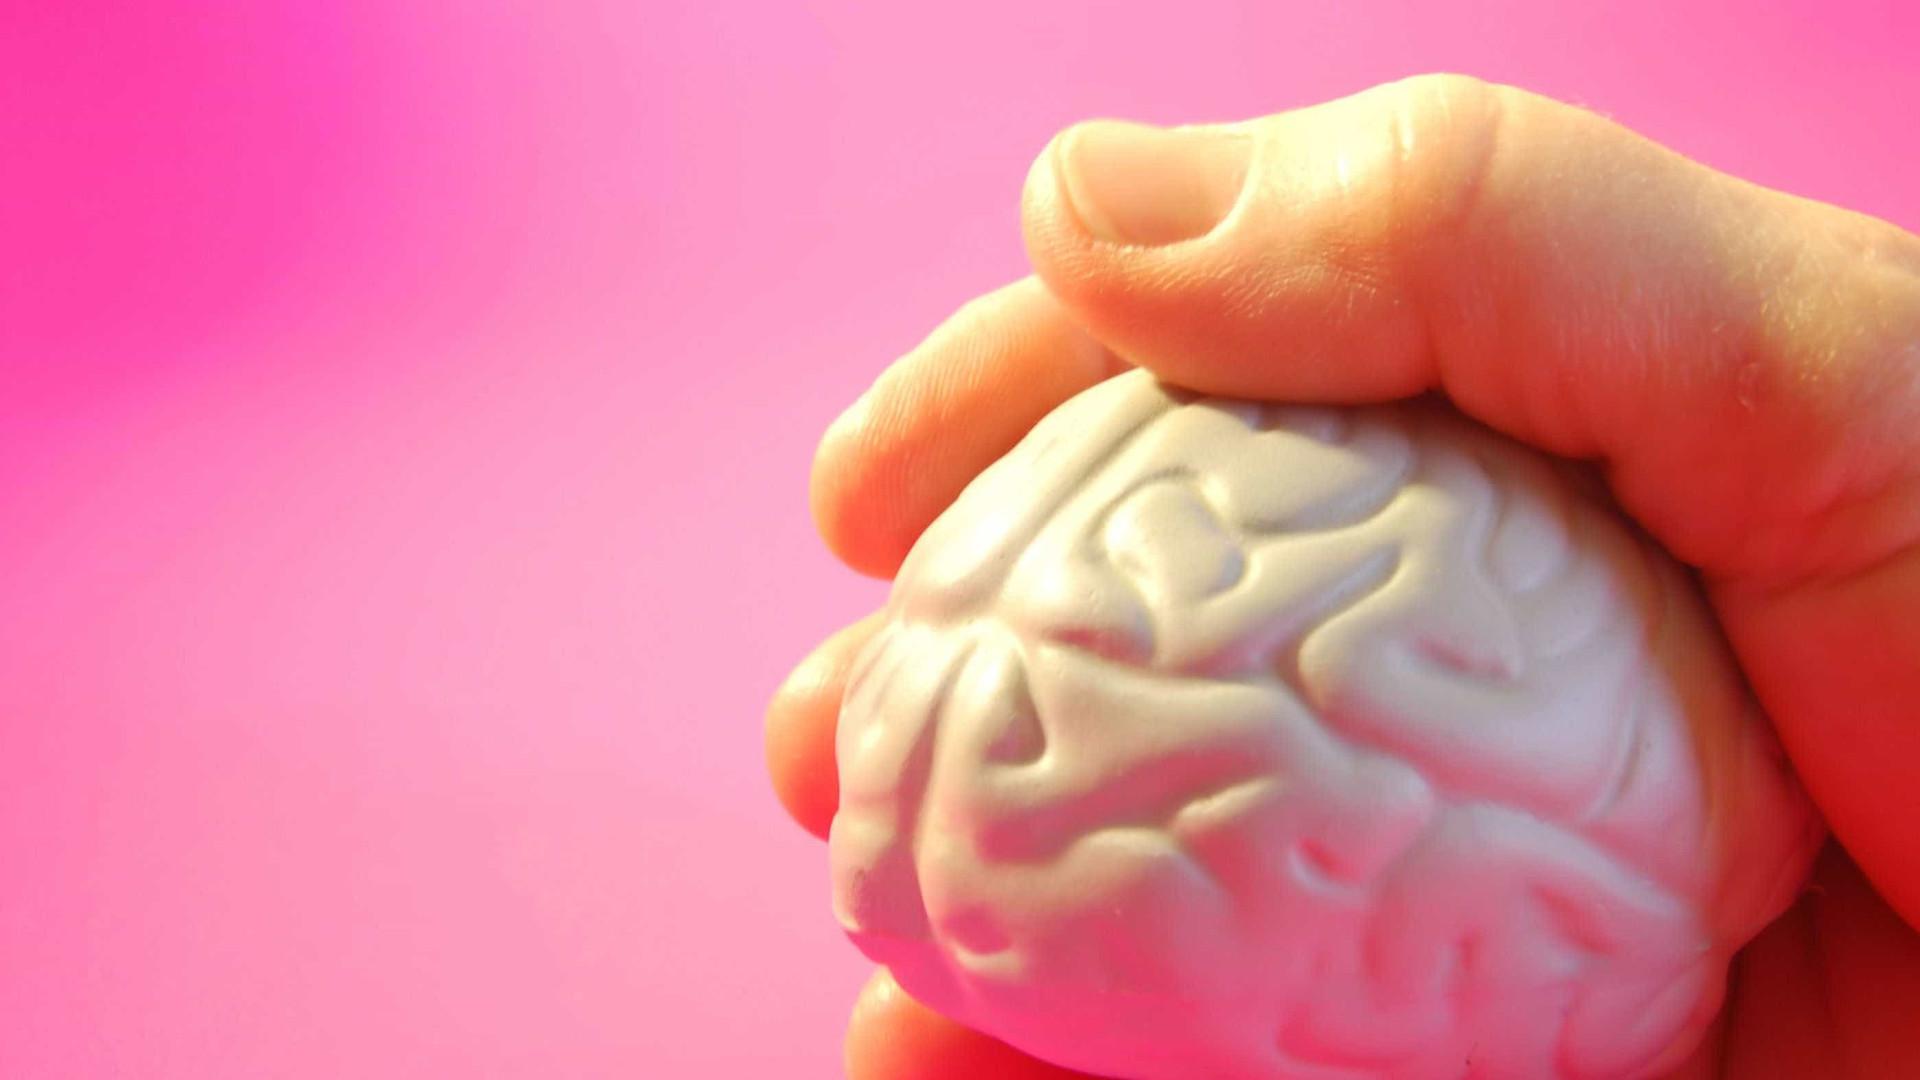 Sonolência e confusão mental podem ser sinais de AVC